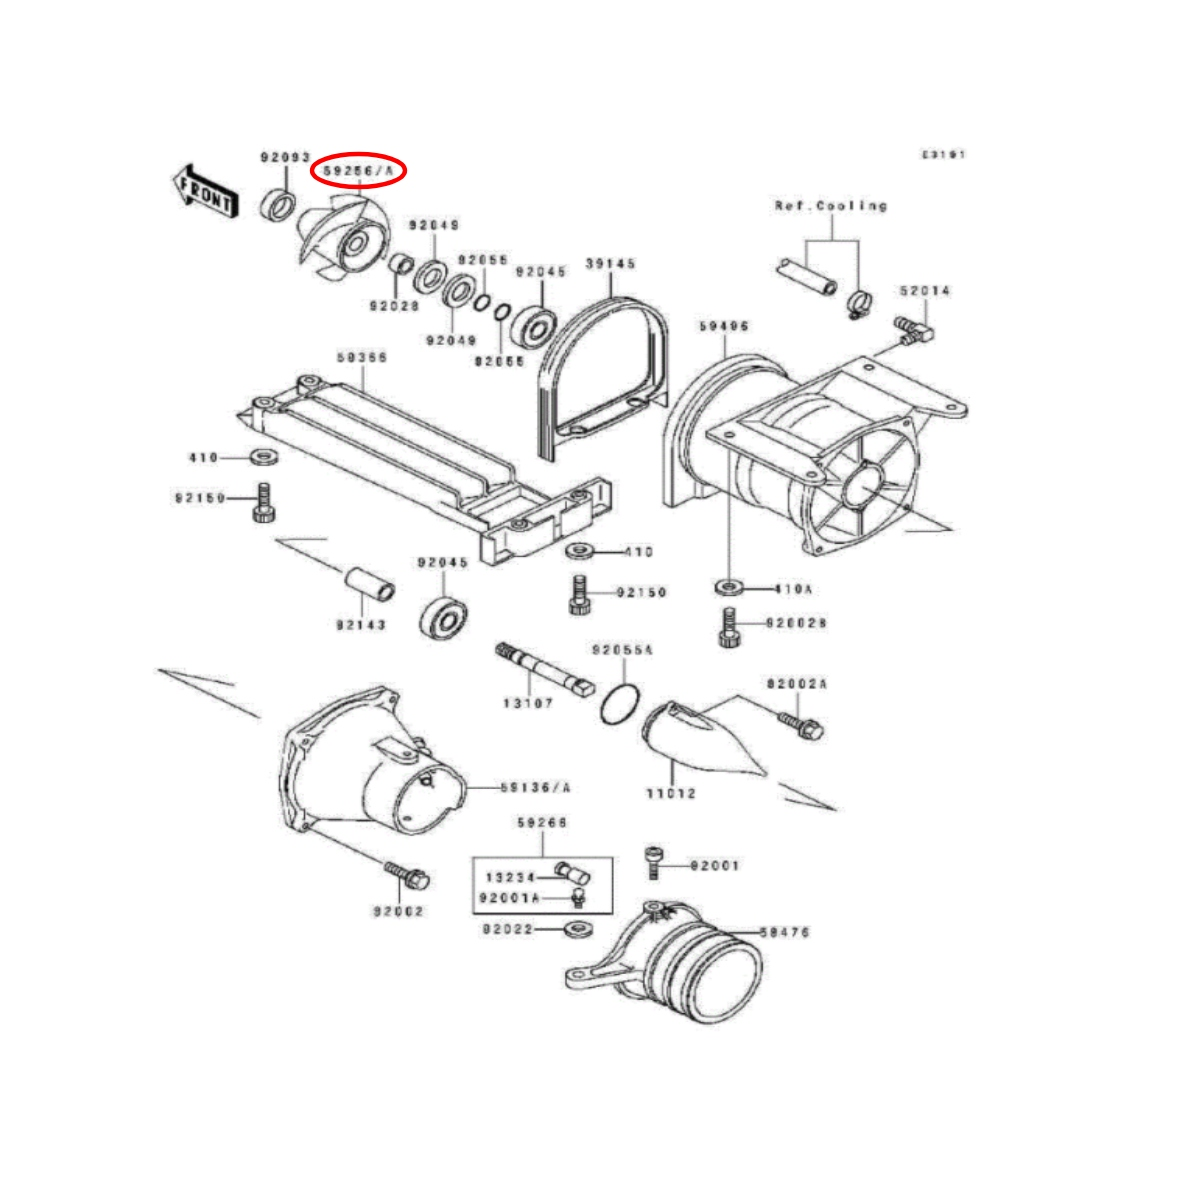 Helice Solas para Jet Ski Kawasaki sxi/sts/xi 750cc 14/21  - Radical Peças - Peças para Jet Ski